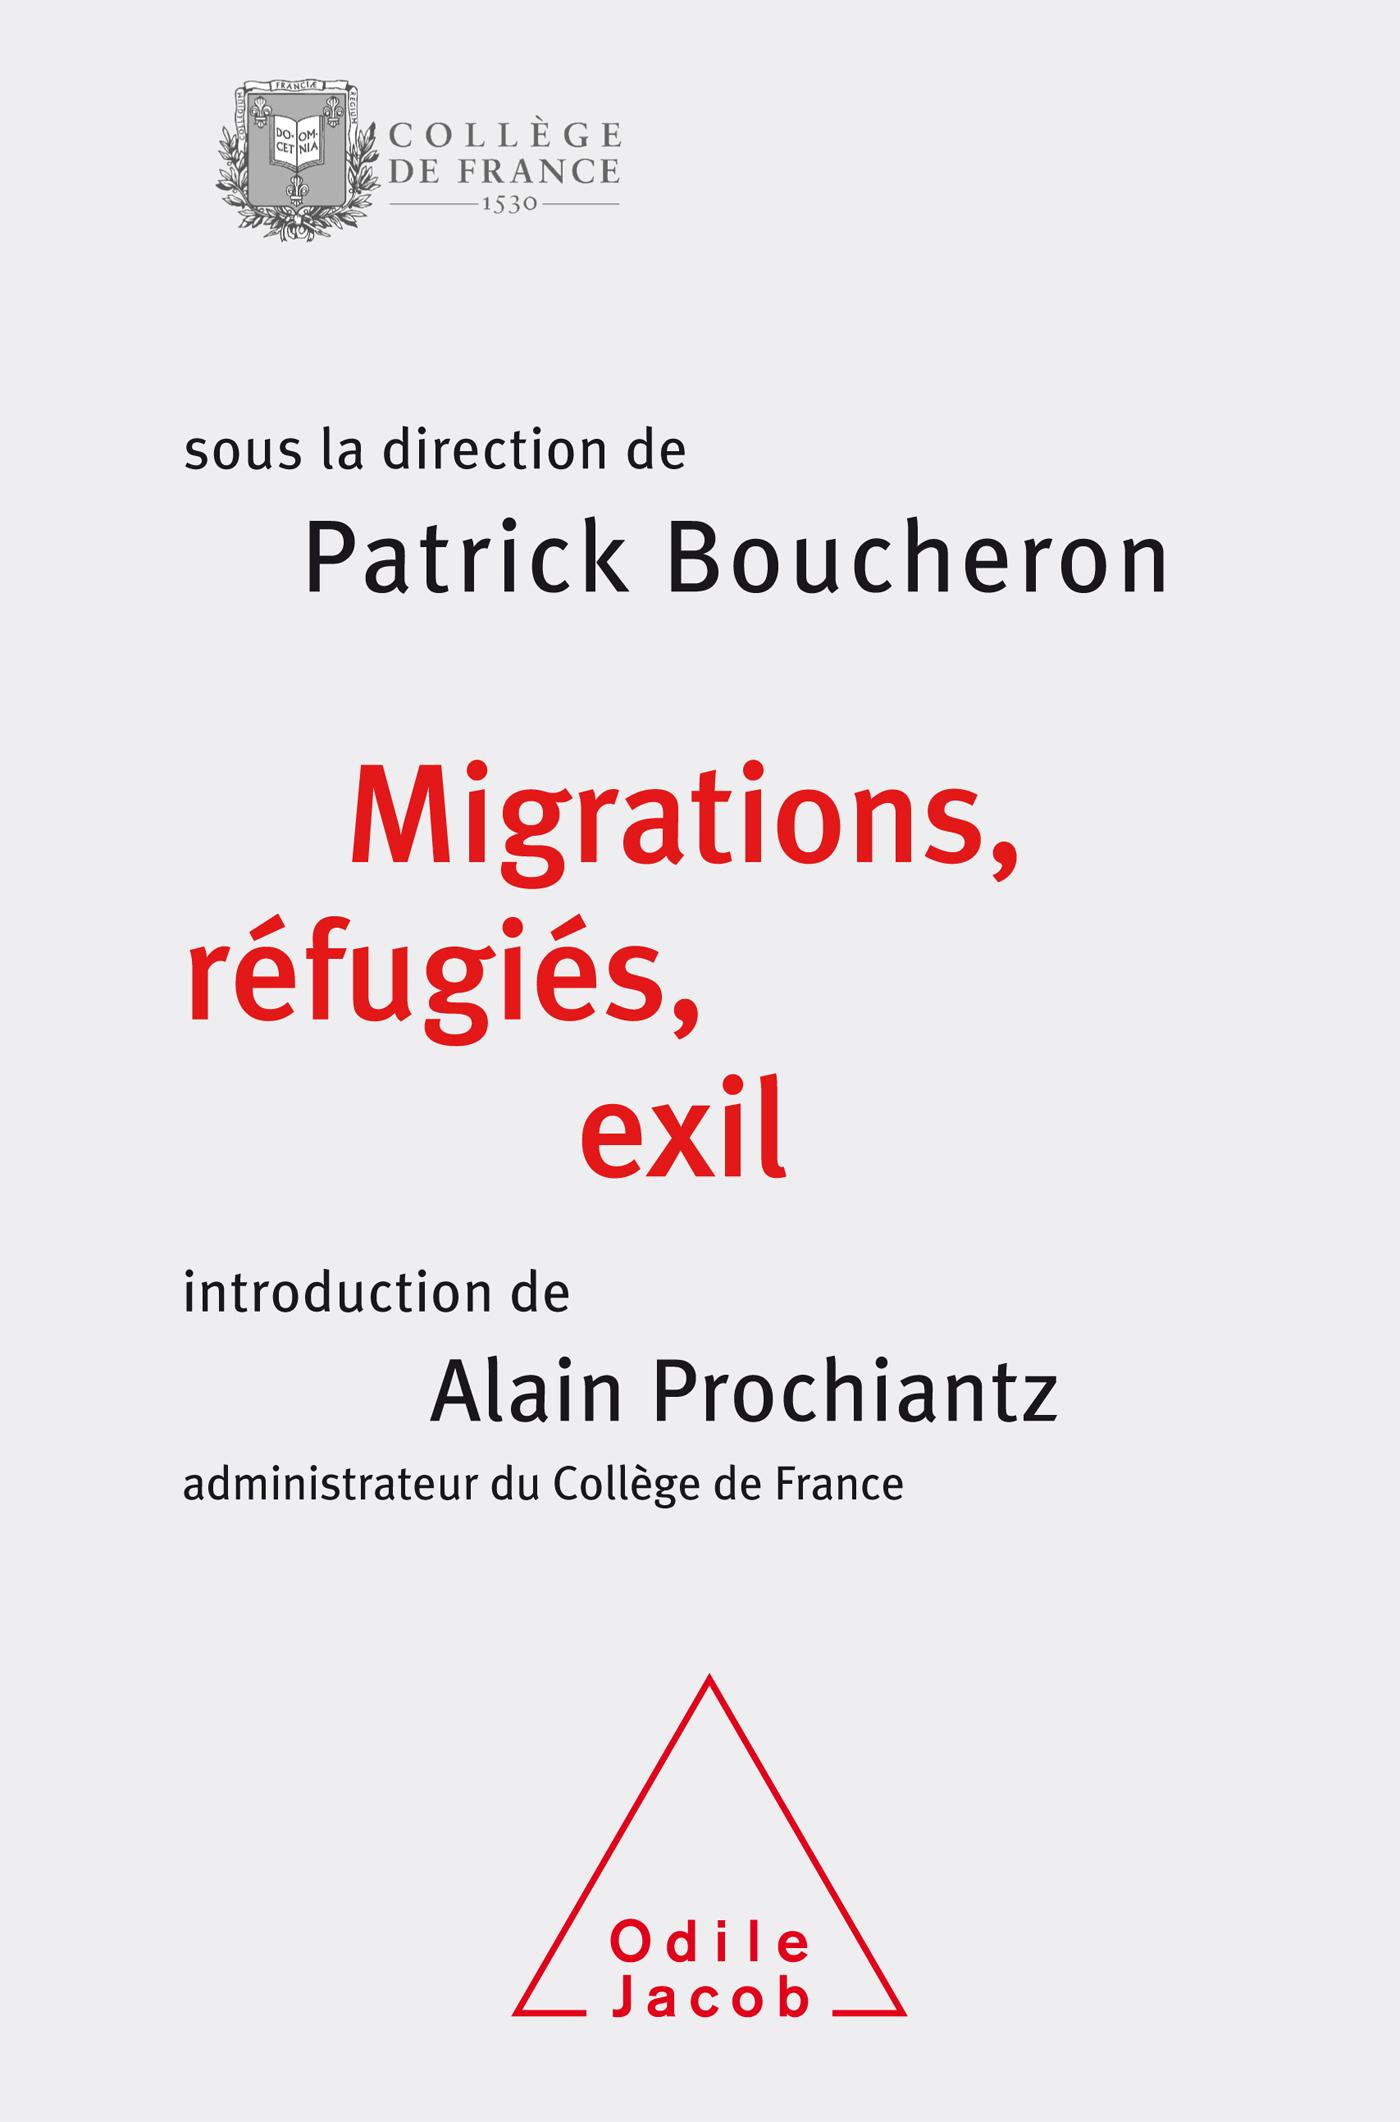 Couverture de Migrations, réfugiés et exil de Patrick Boucheron